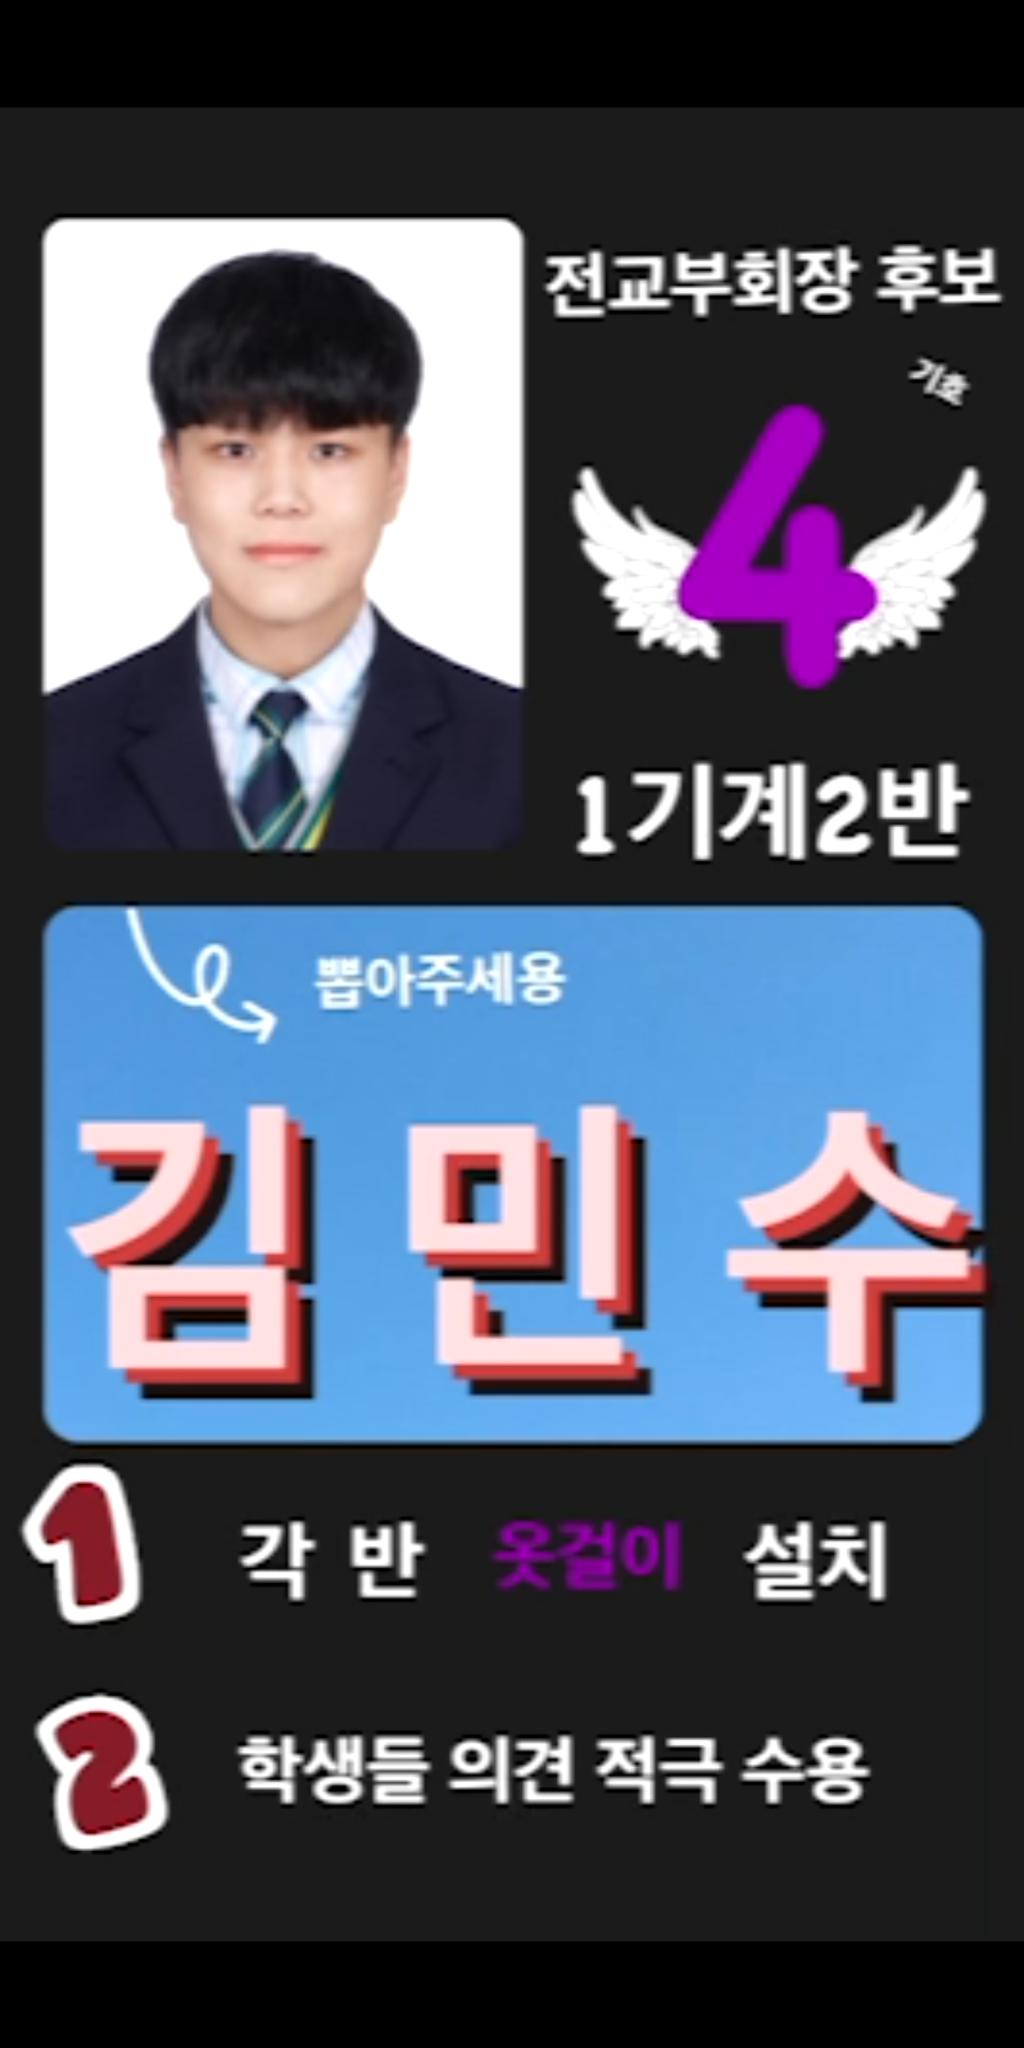 2학년장 4번 김민수